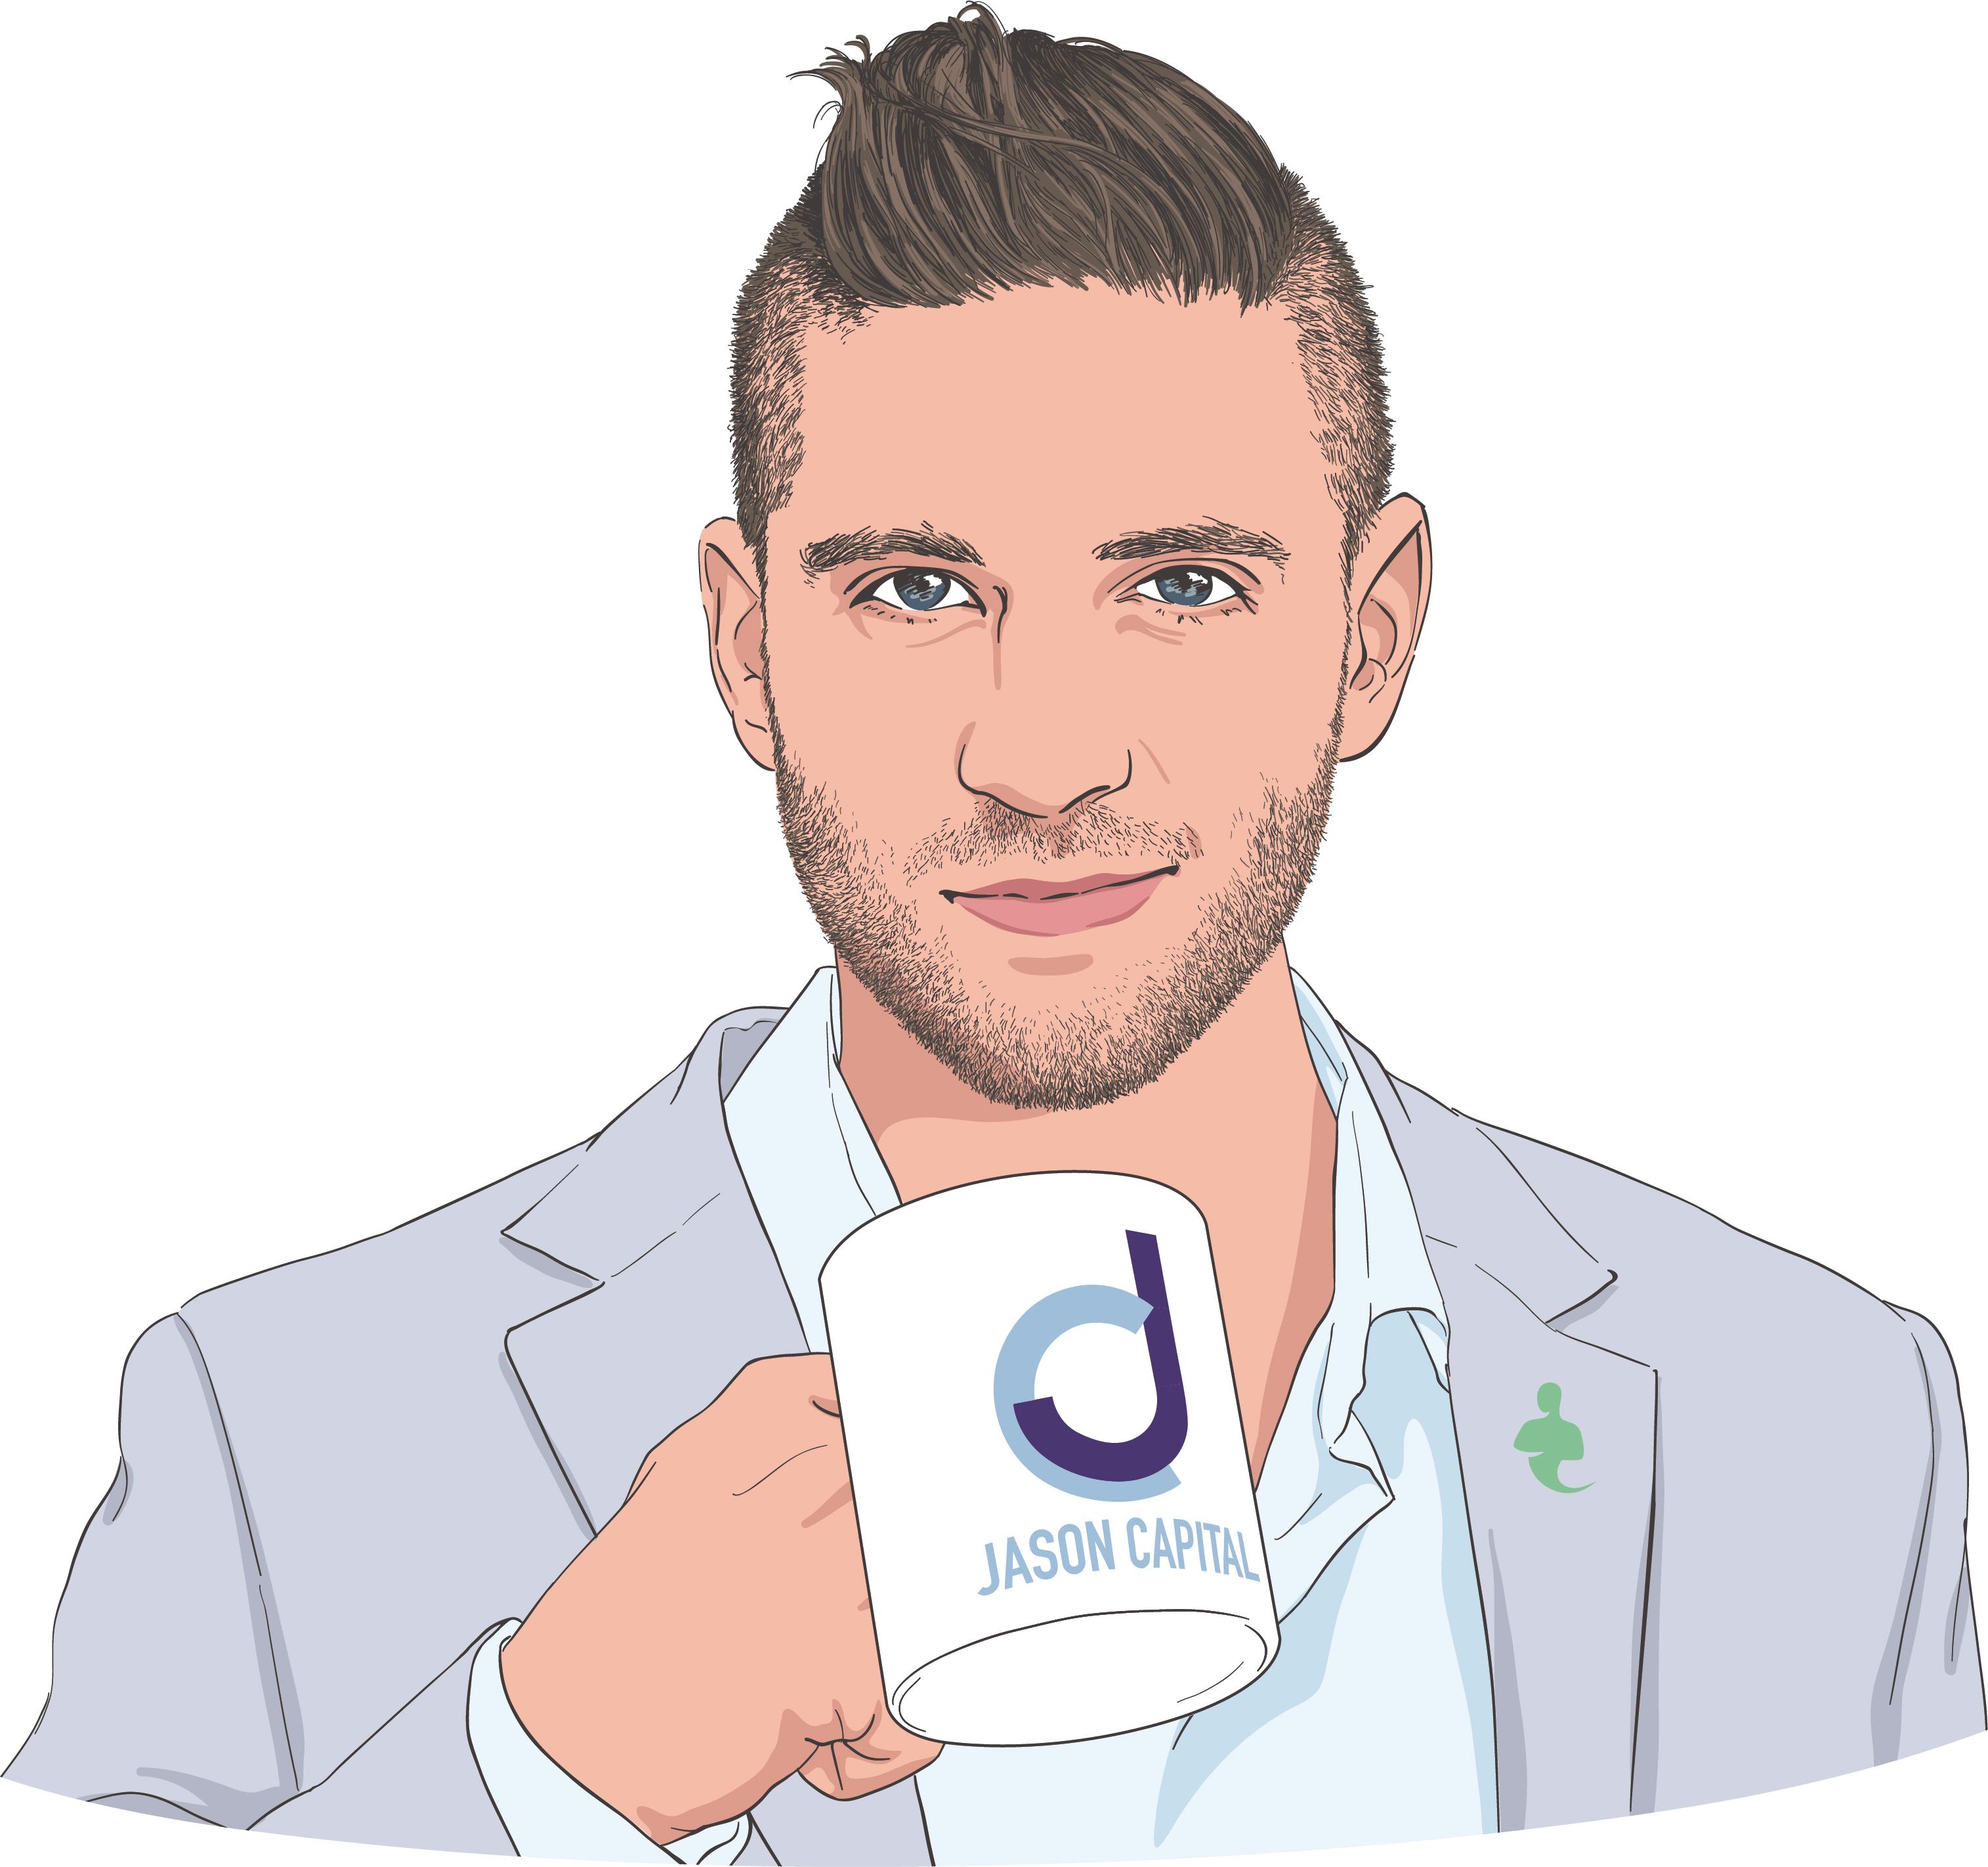 jason-capital-holding-mug-drawn